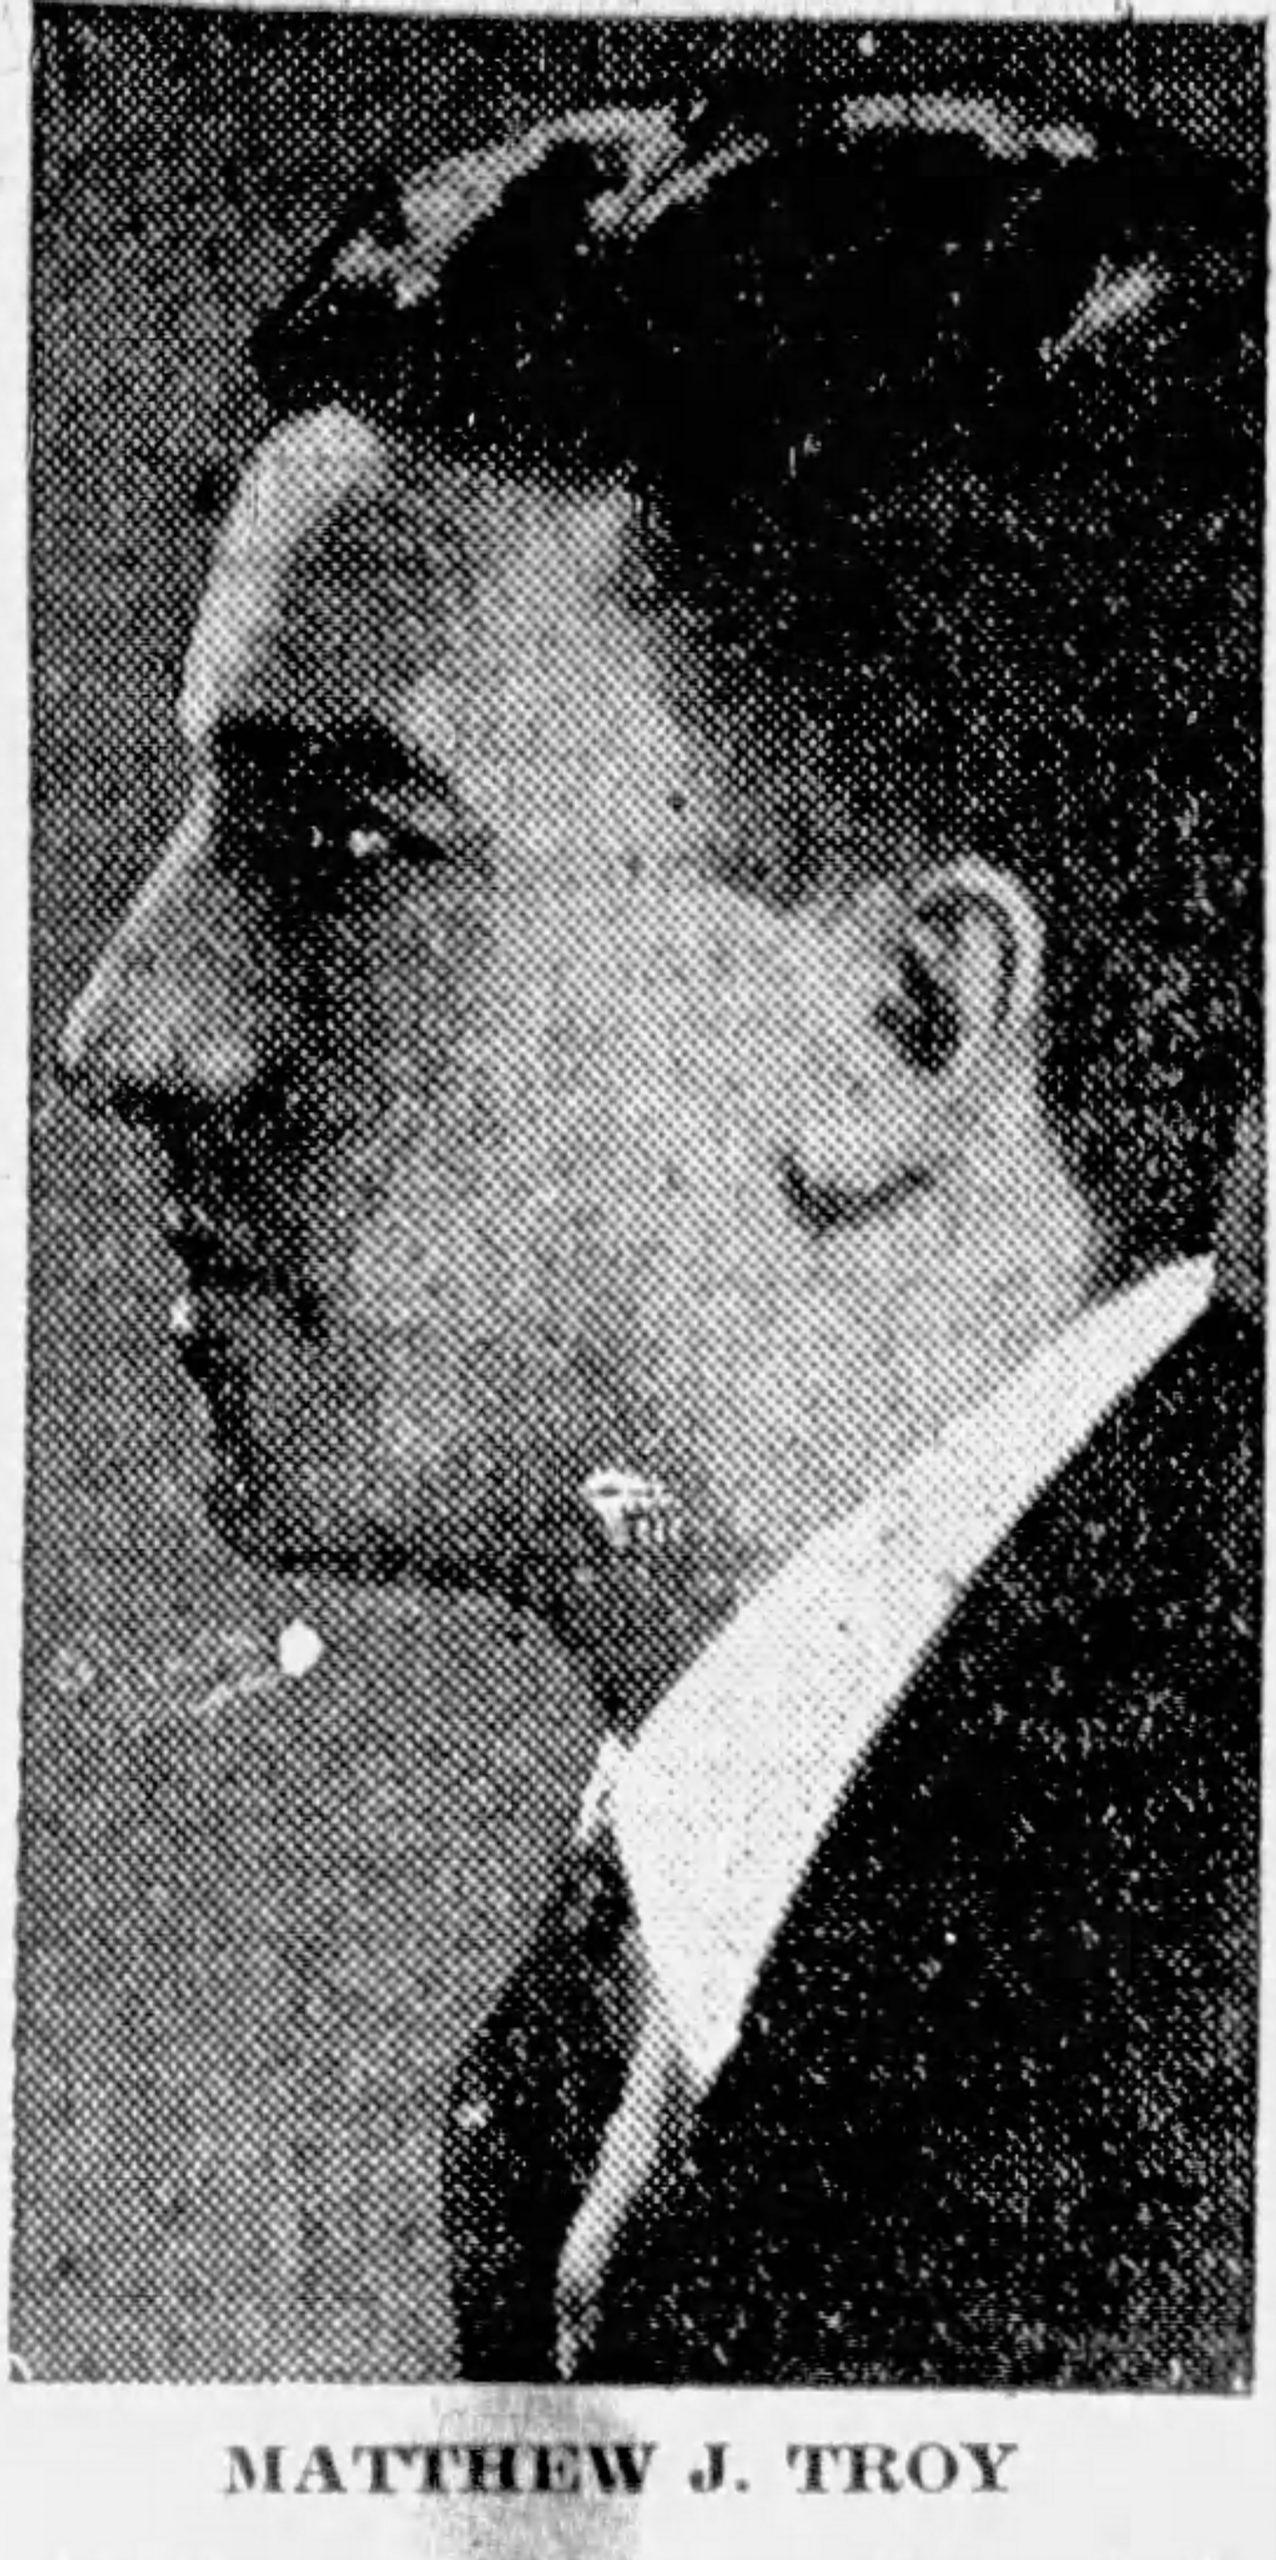 Matthew J. Troy - United Irish Counties - 1926